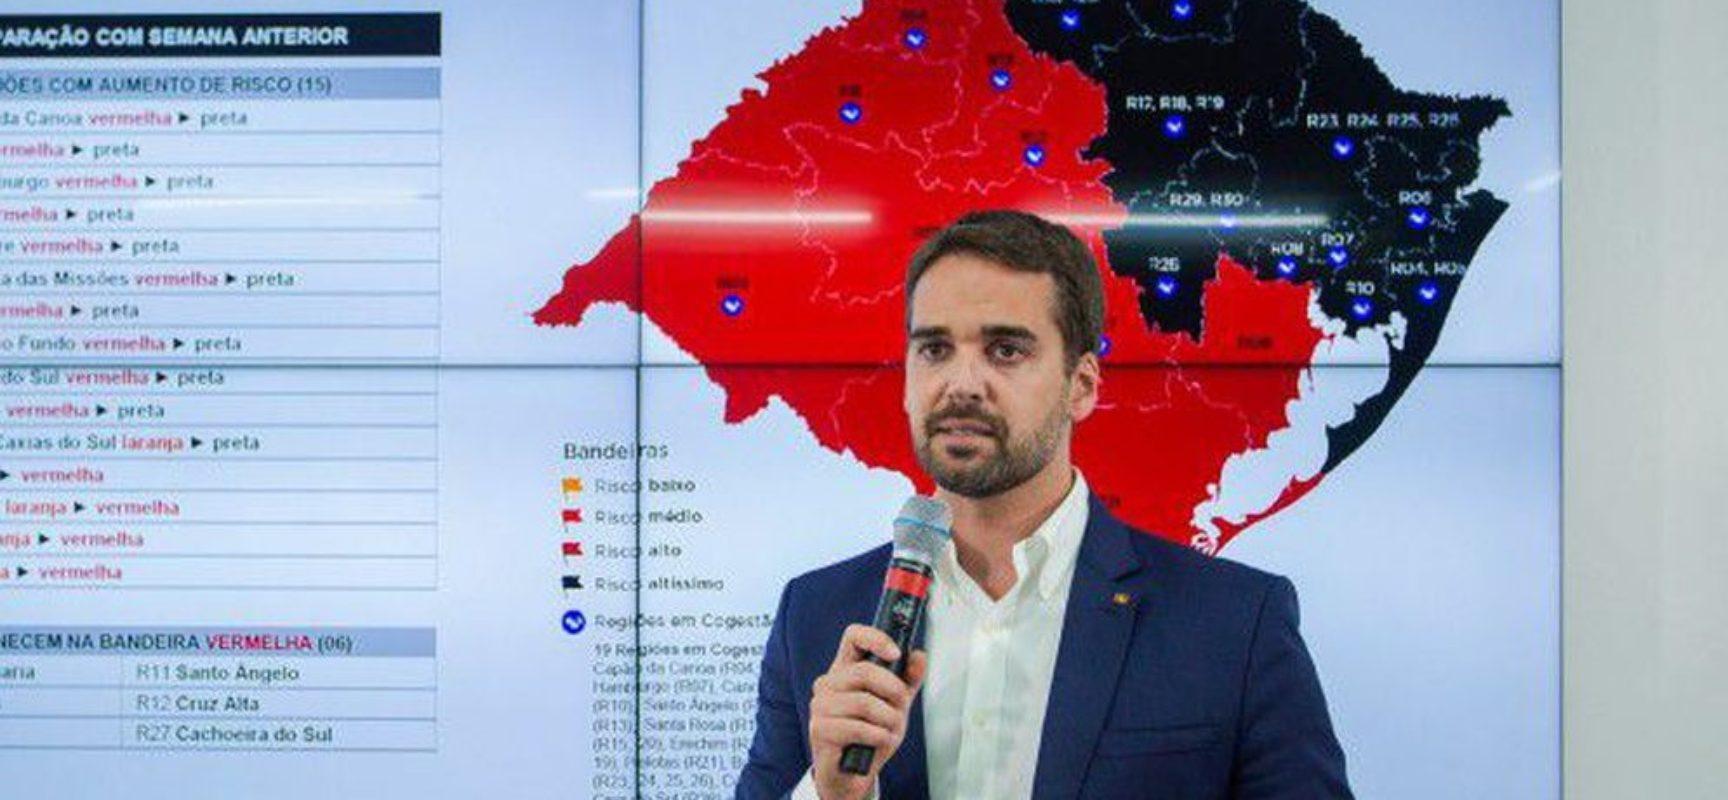 Covid-19: governador determina suspensão geral das atividades no RS